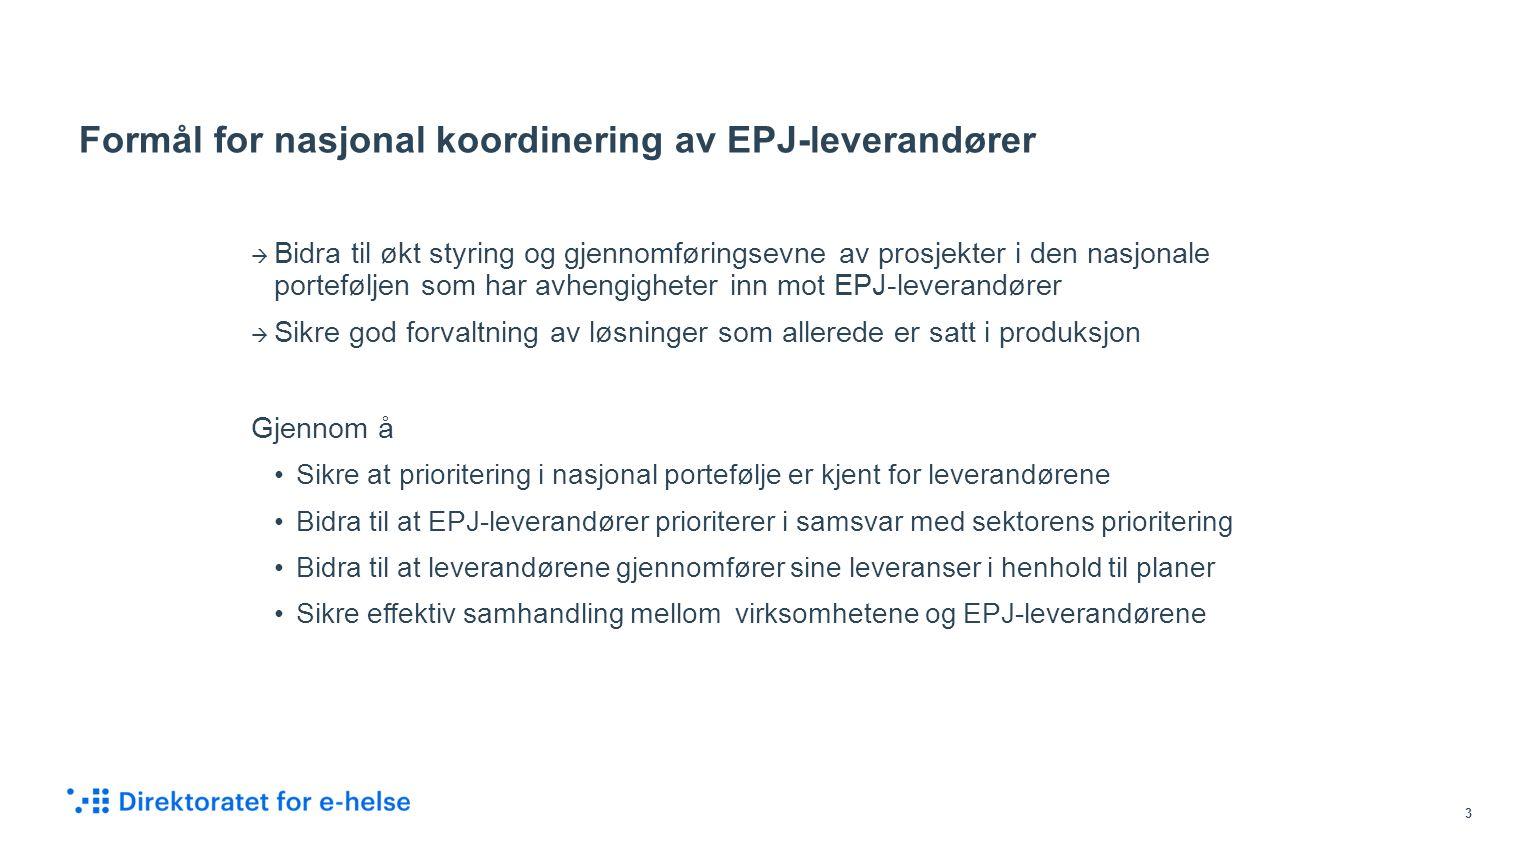 Formål for nasjonal koordinering av EPJ-leverandører  Bidra til økt styring og gjennomføringsevne av prosjekter i den nasjonale porteføljen som har avhengigheter inn mot EPJ-leverandører  Sikre god forvaltning av løsninger som allerede er satt i produksjon Gjennom å Sikre at prioritering i nasjonal portefølje er kjent for leverandørene Bidra til at EPJ-leverandører prioriterer i samsvar med sektorens prioritering Bidra til at leverandørene gjennomfører sine leveranser i henhold til planer Sikre effektiv samhandling mellom virksomhetene og EPJ-leverandørene 3